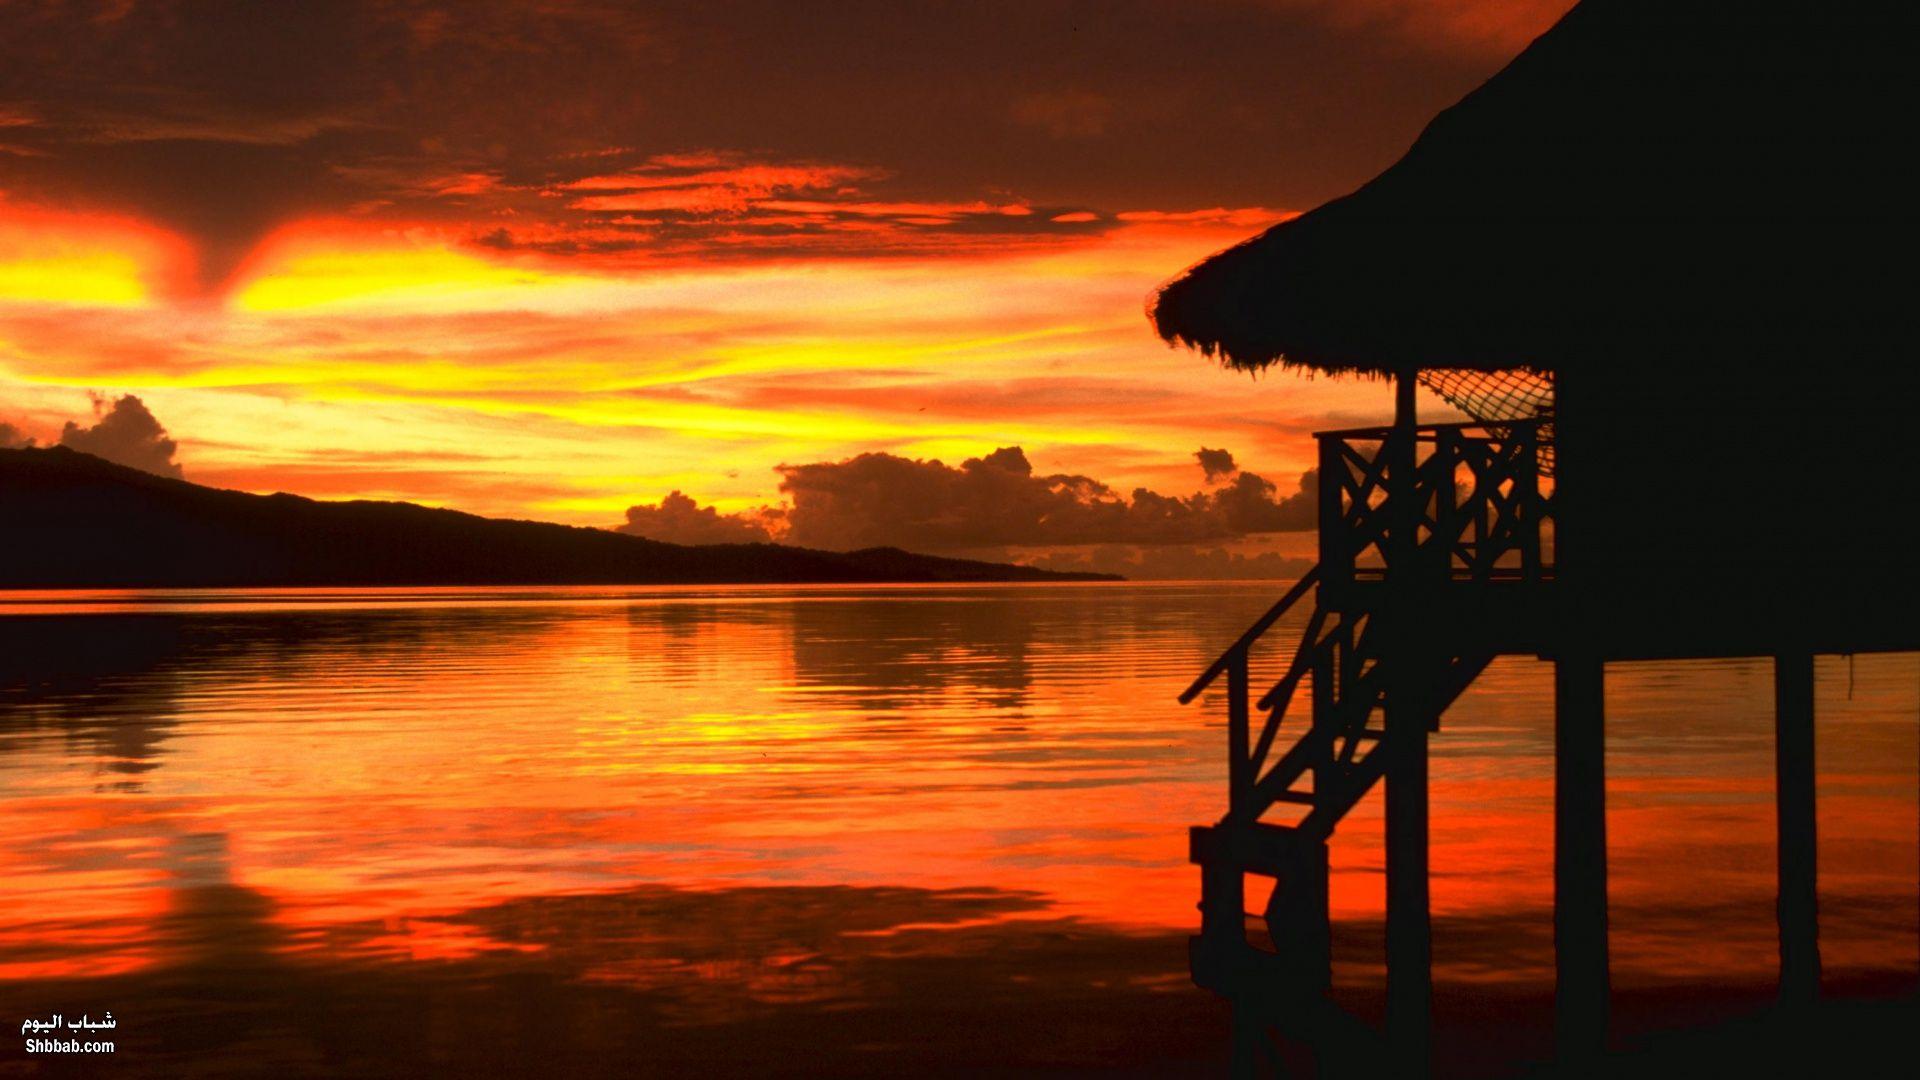 بالصور اجمل مناظر في العالم , سحر الطبيعة الخلابة 3188 12